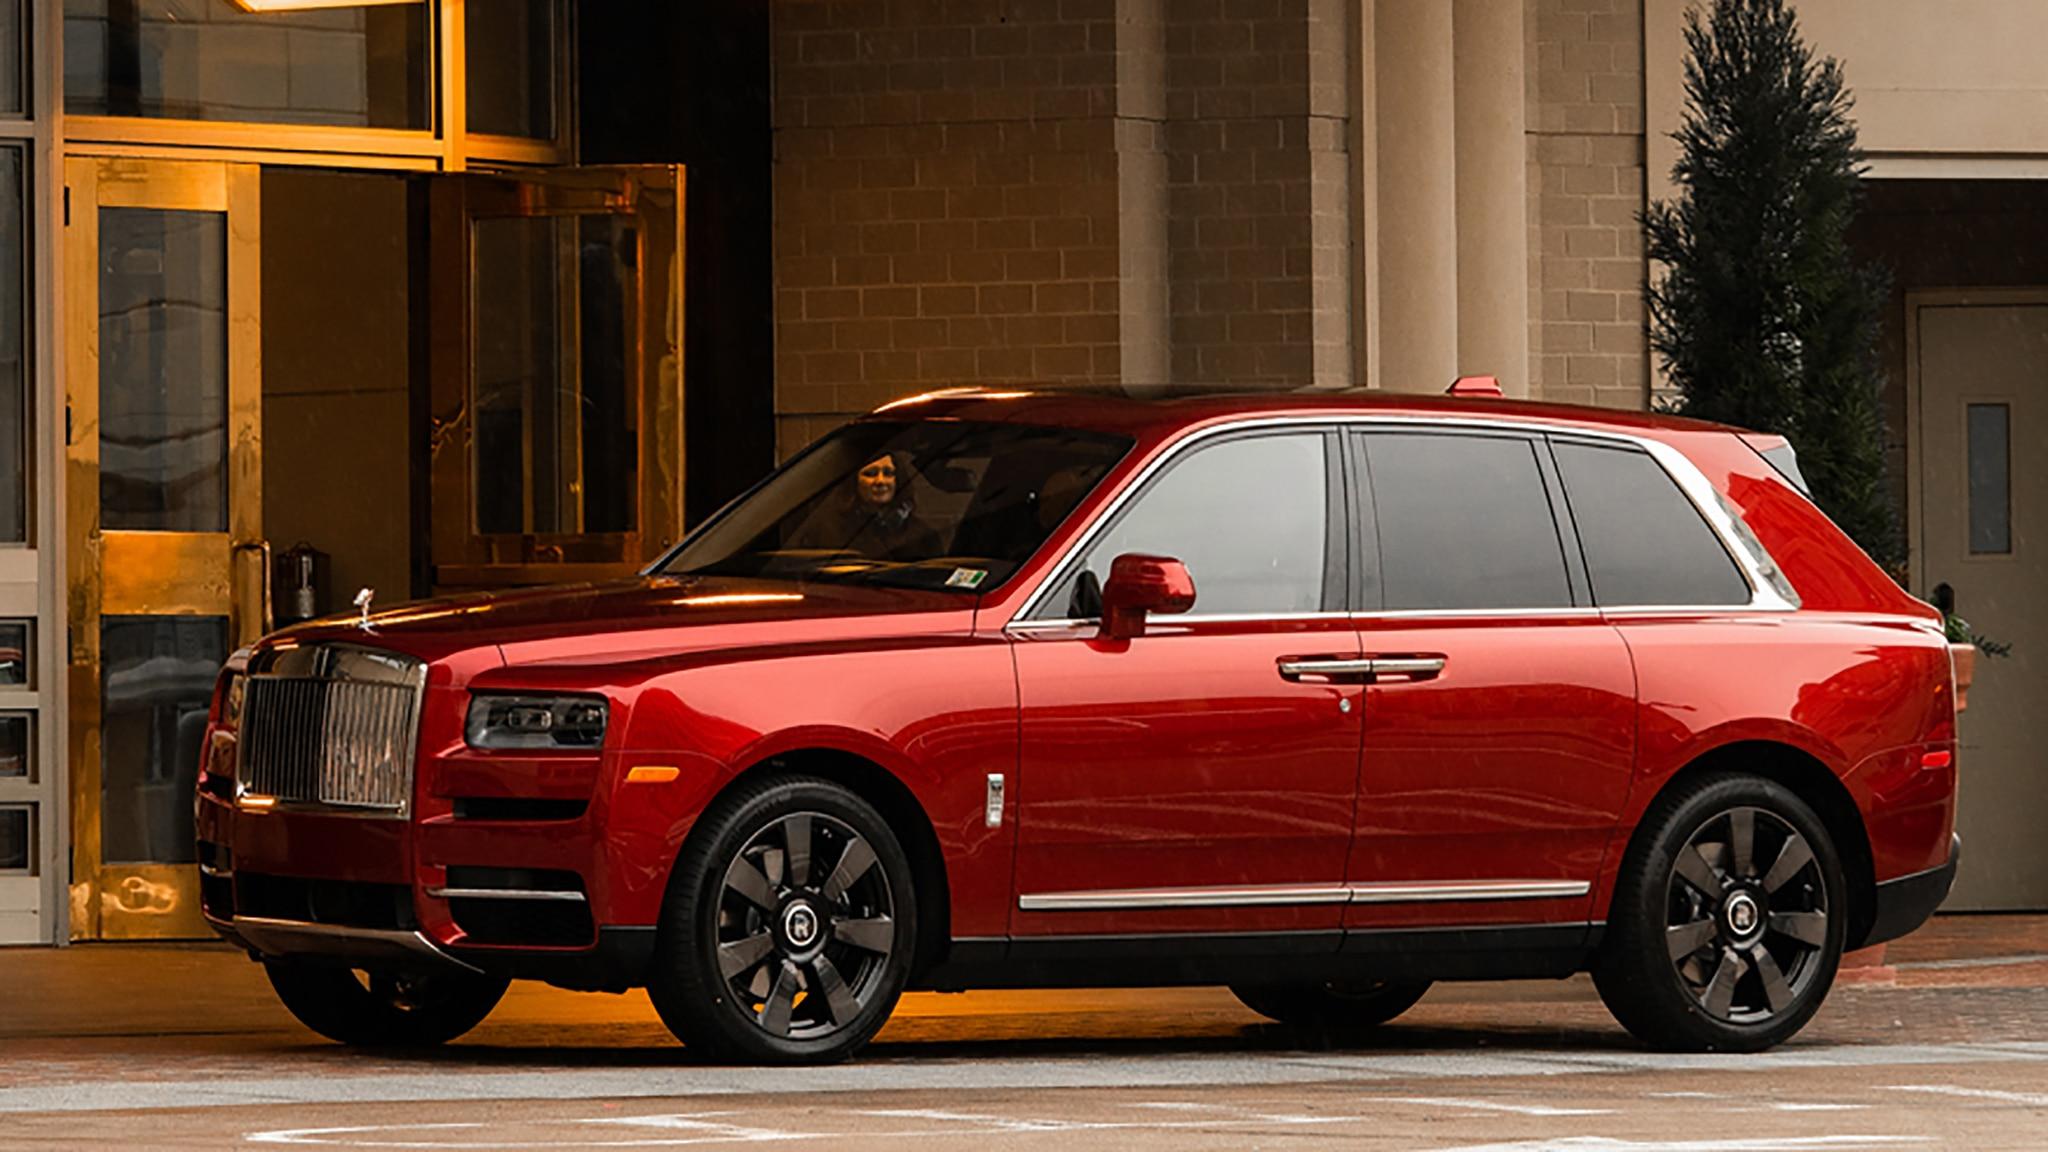 Mandarian Oriental Rolls Royce Cullinan Side